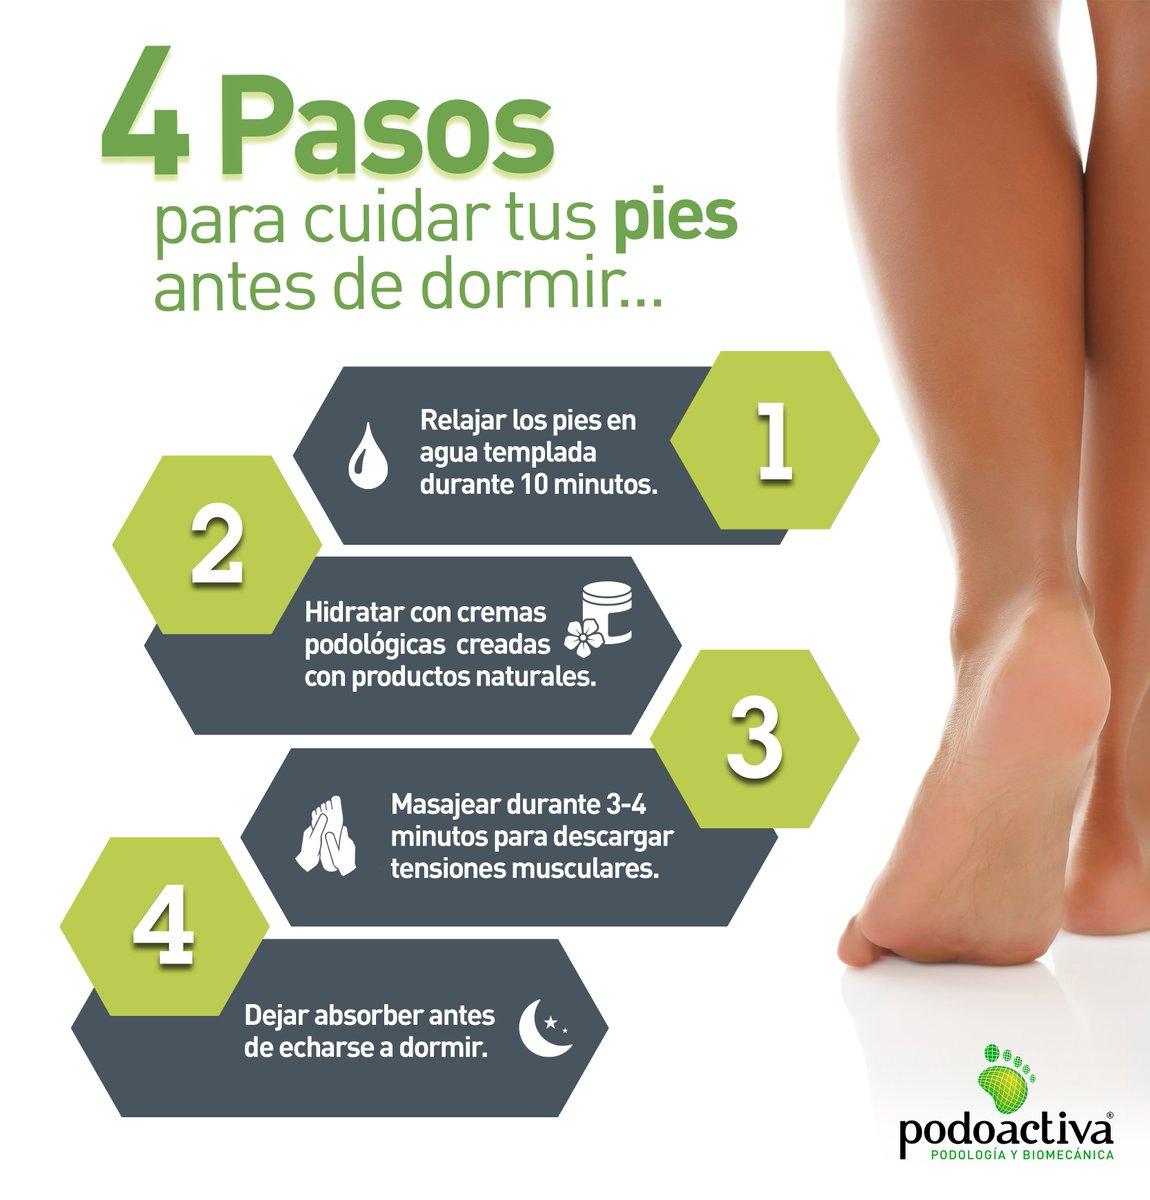 Podoactiva on Twitter: \